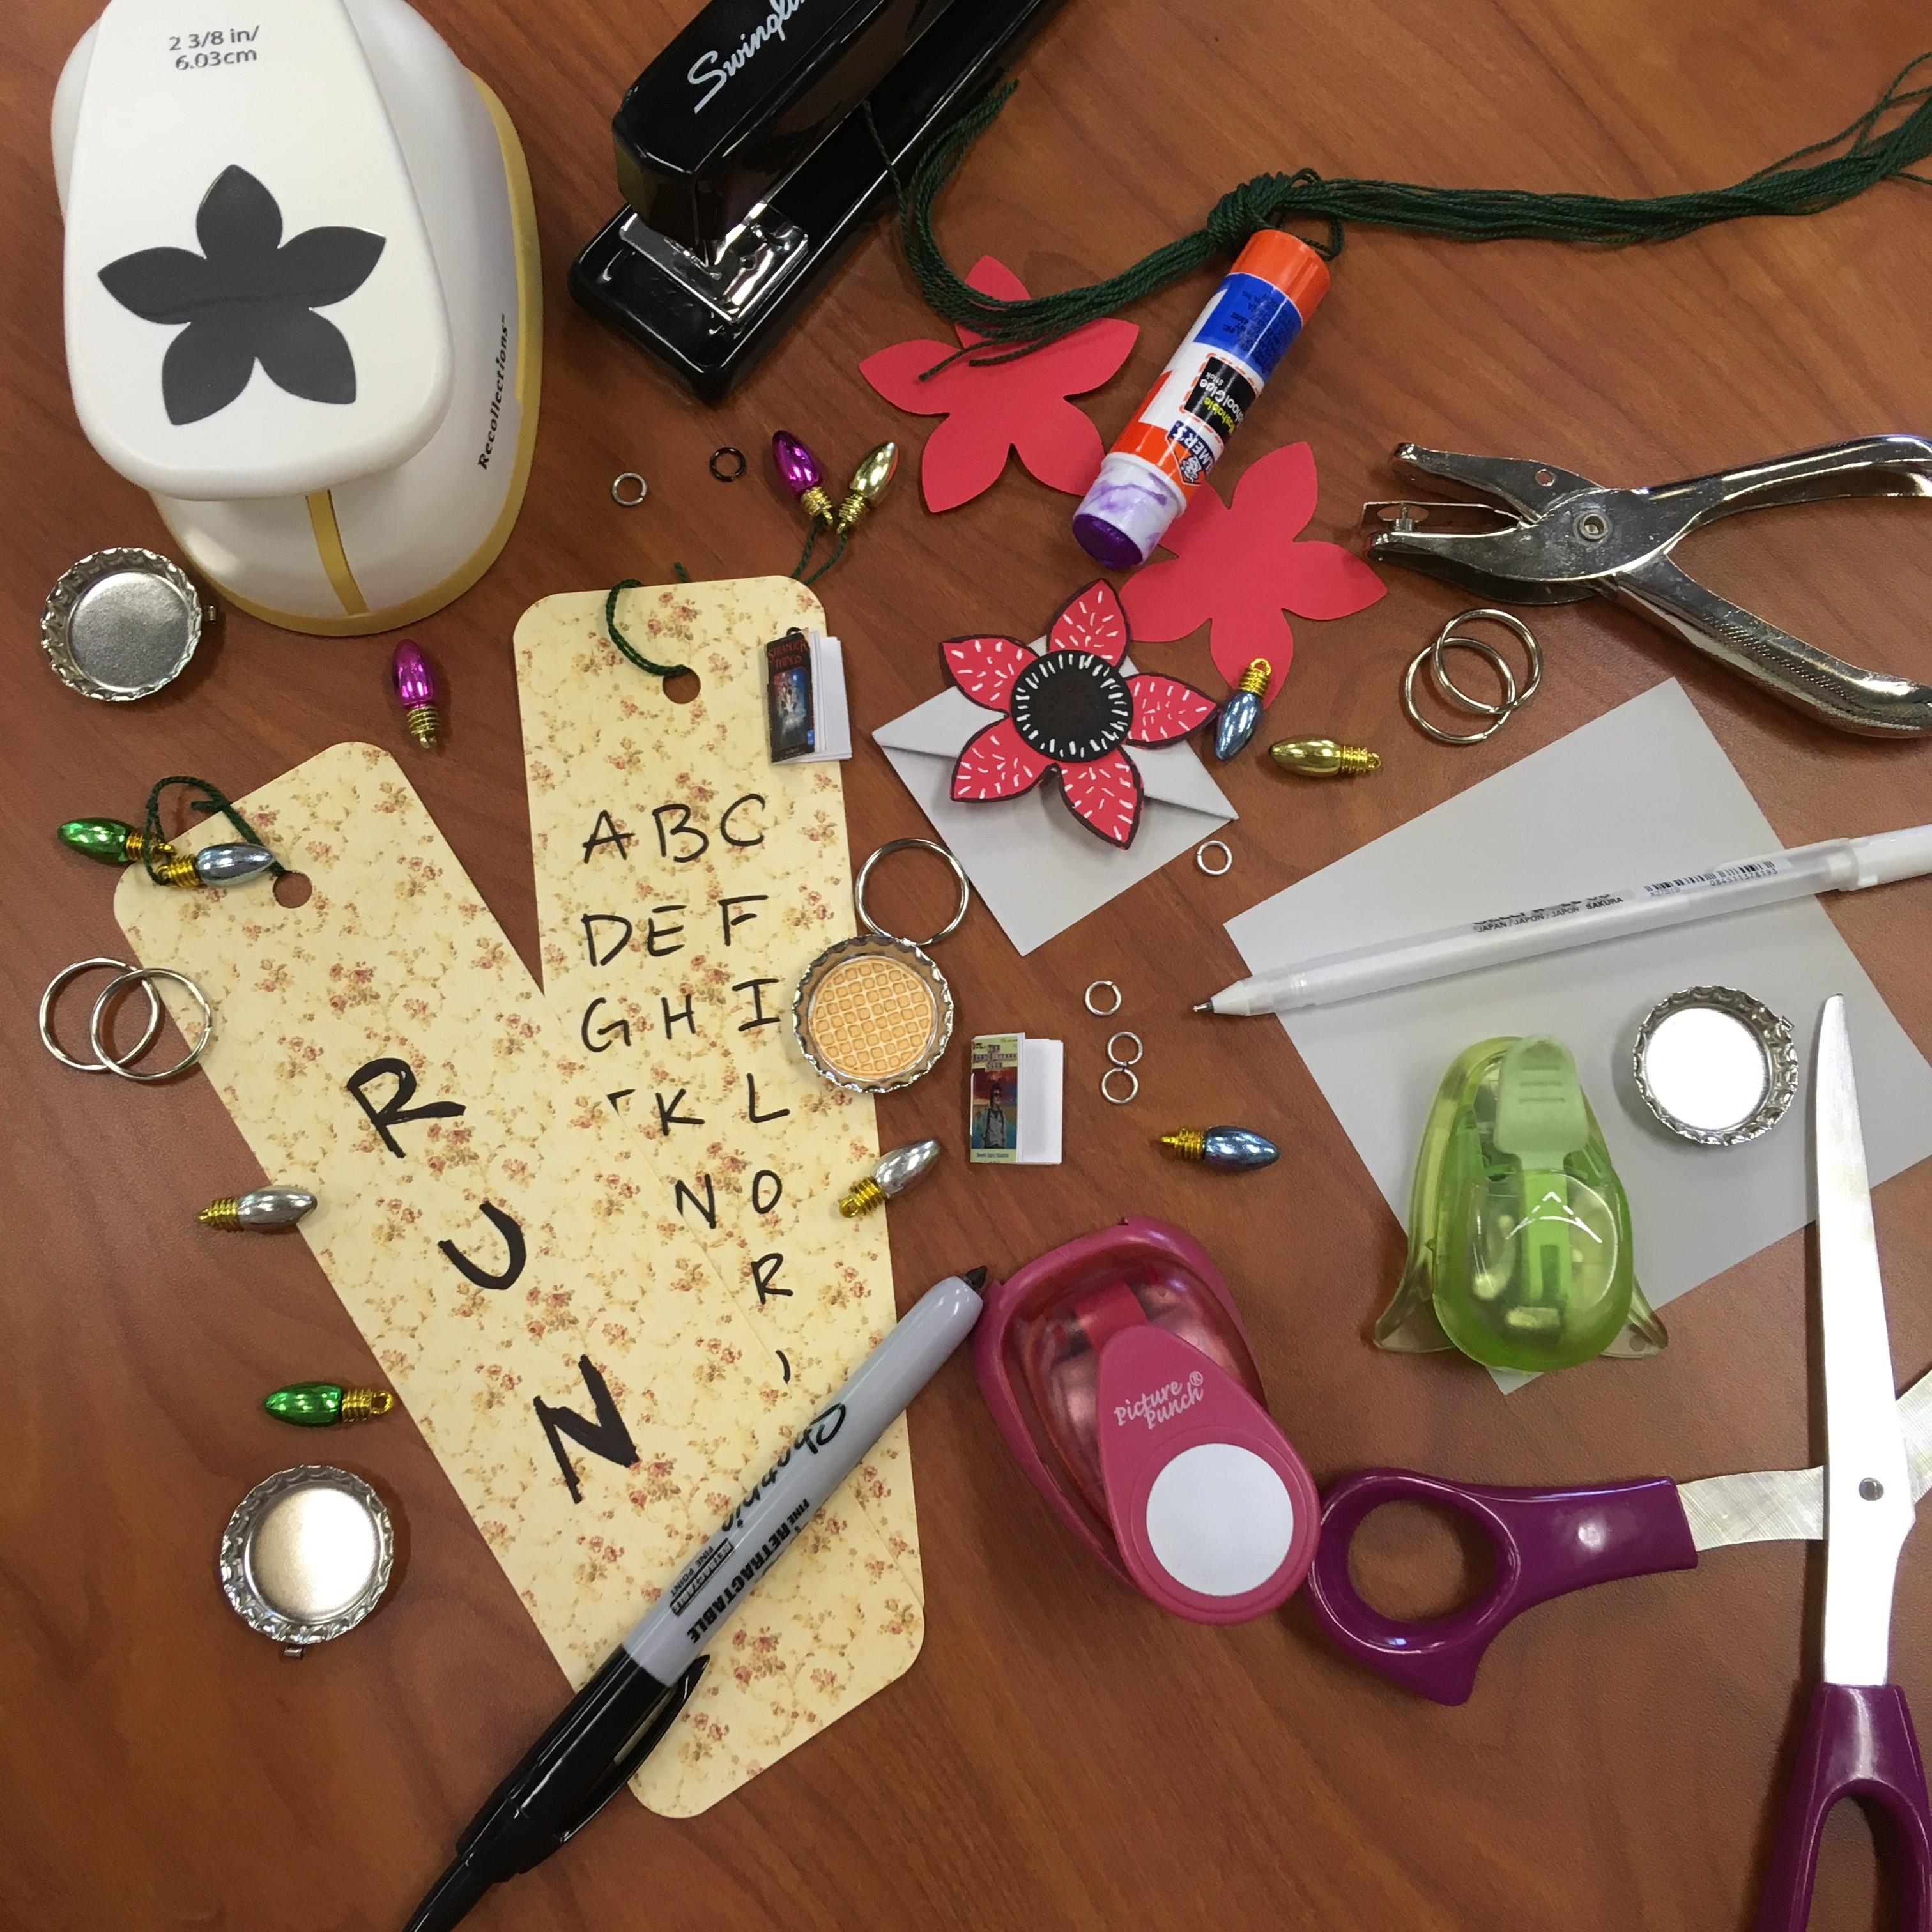 stranger things crafts 2